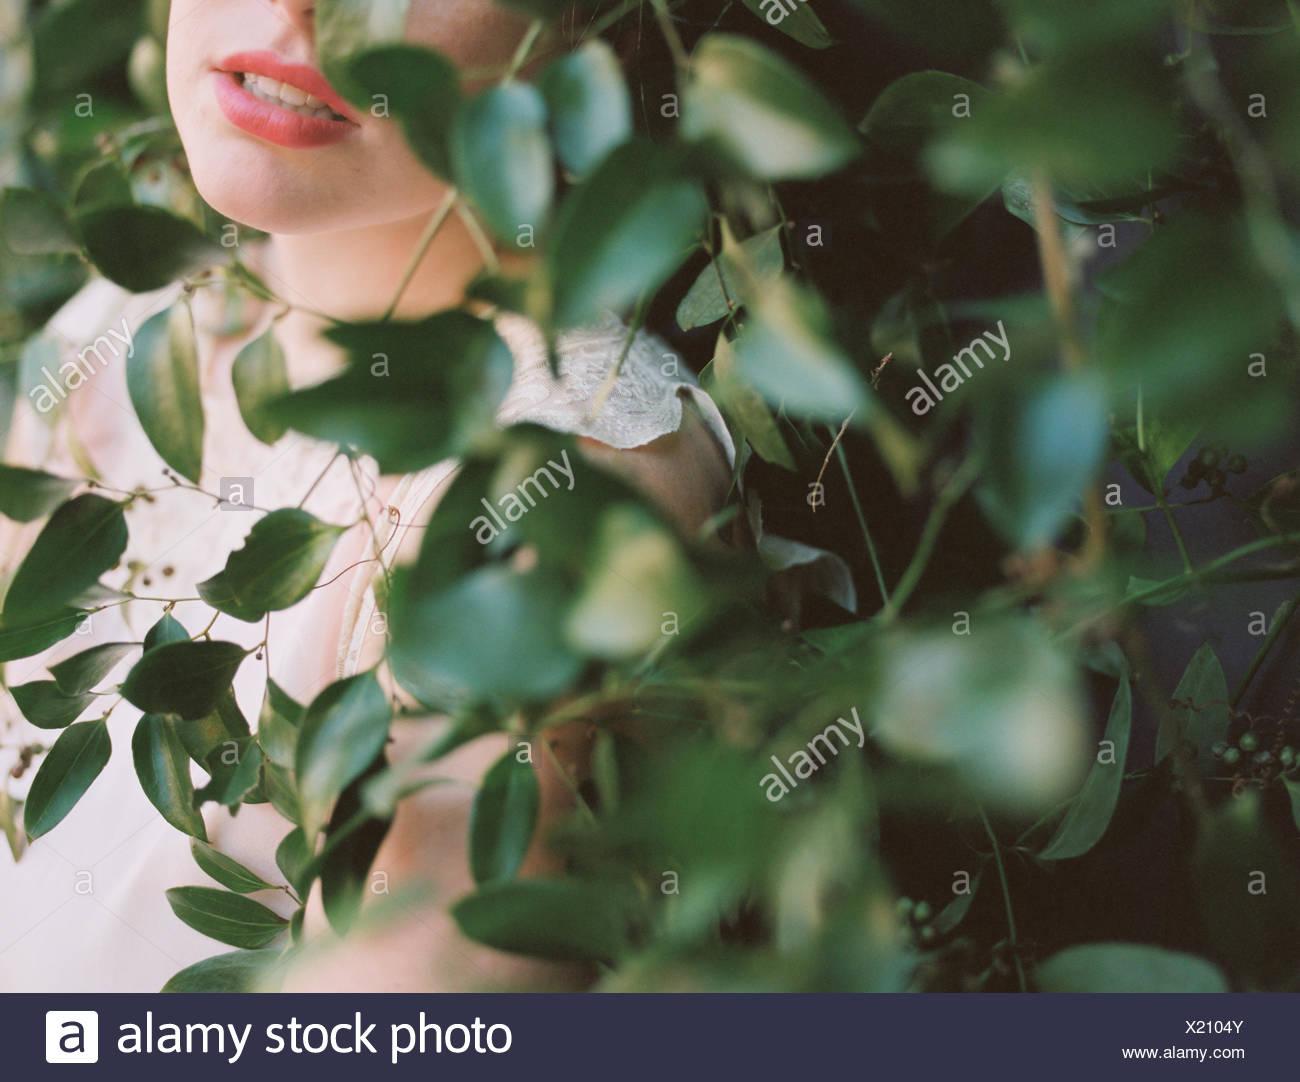 Une femme aux cheveux blonds dans une robe appuyé contre un mur avec une vigne. Photo Stock